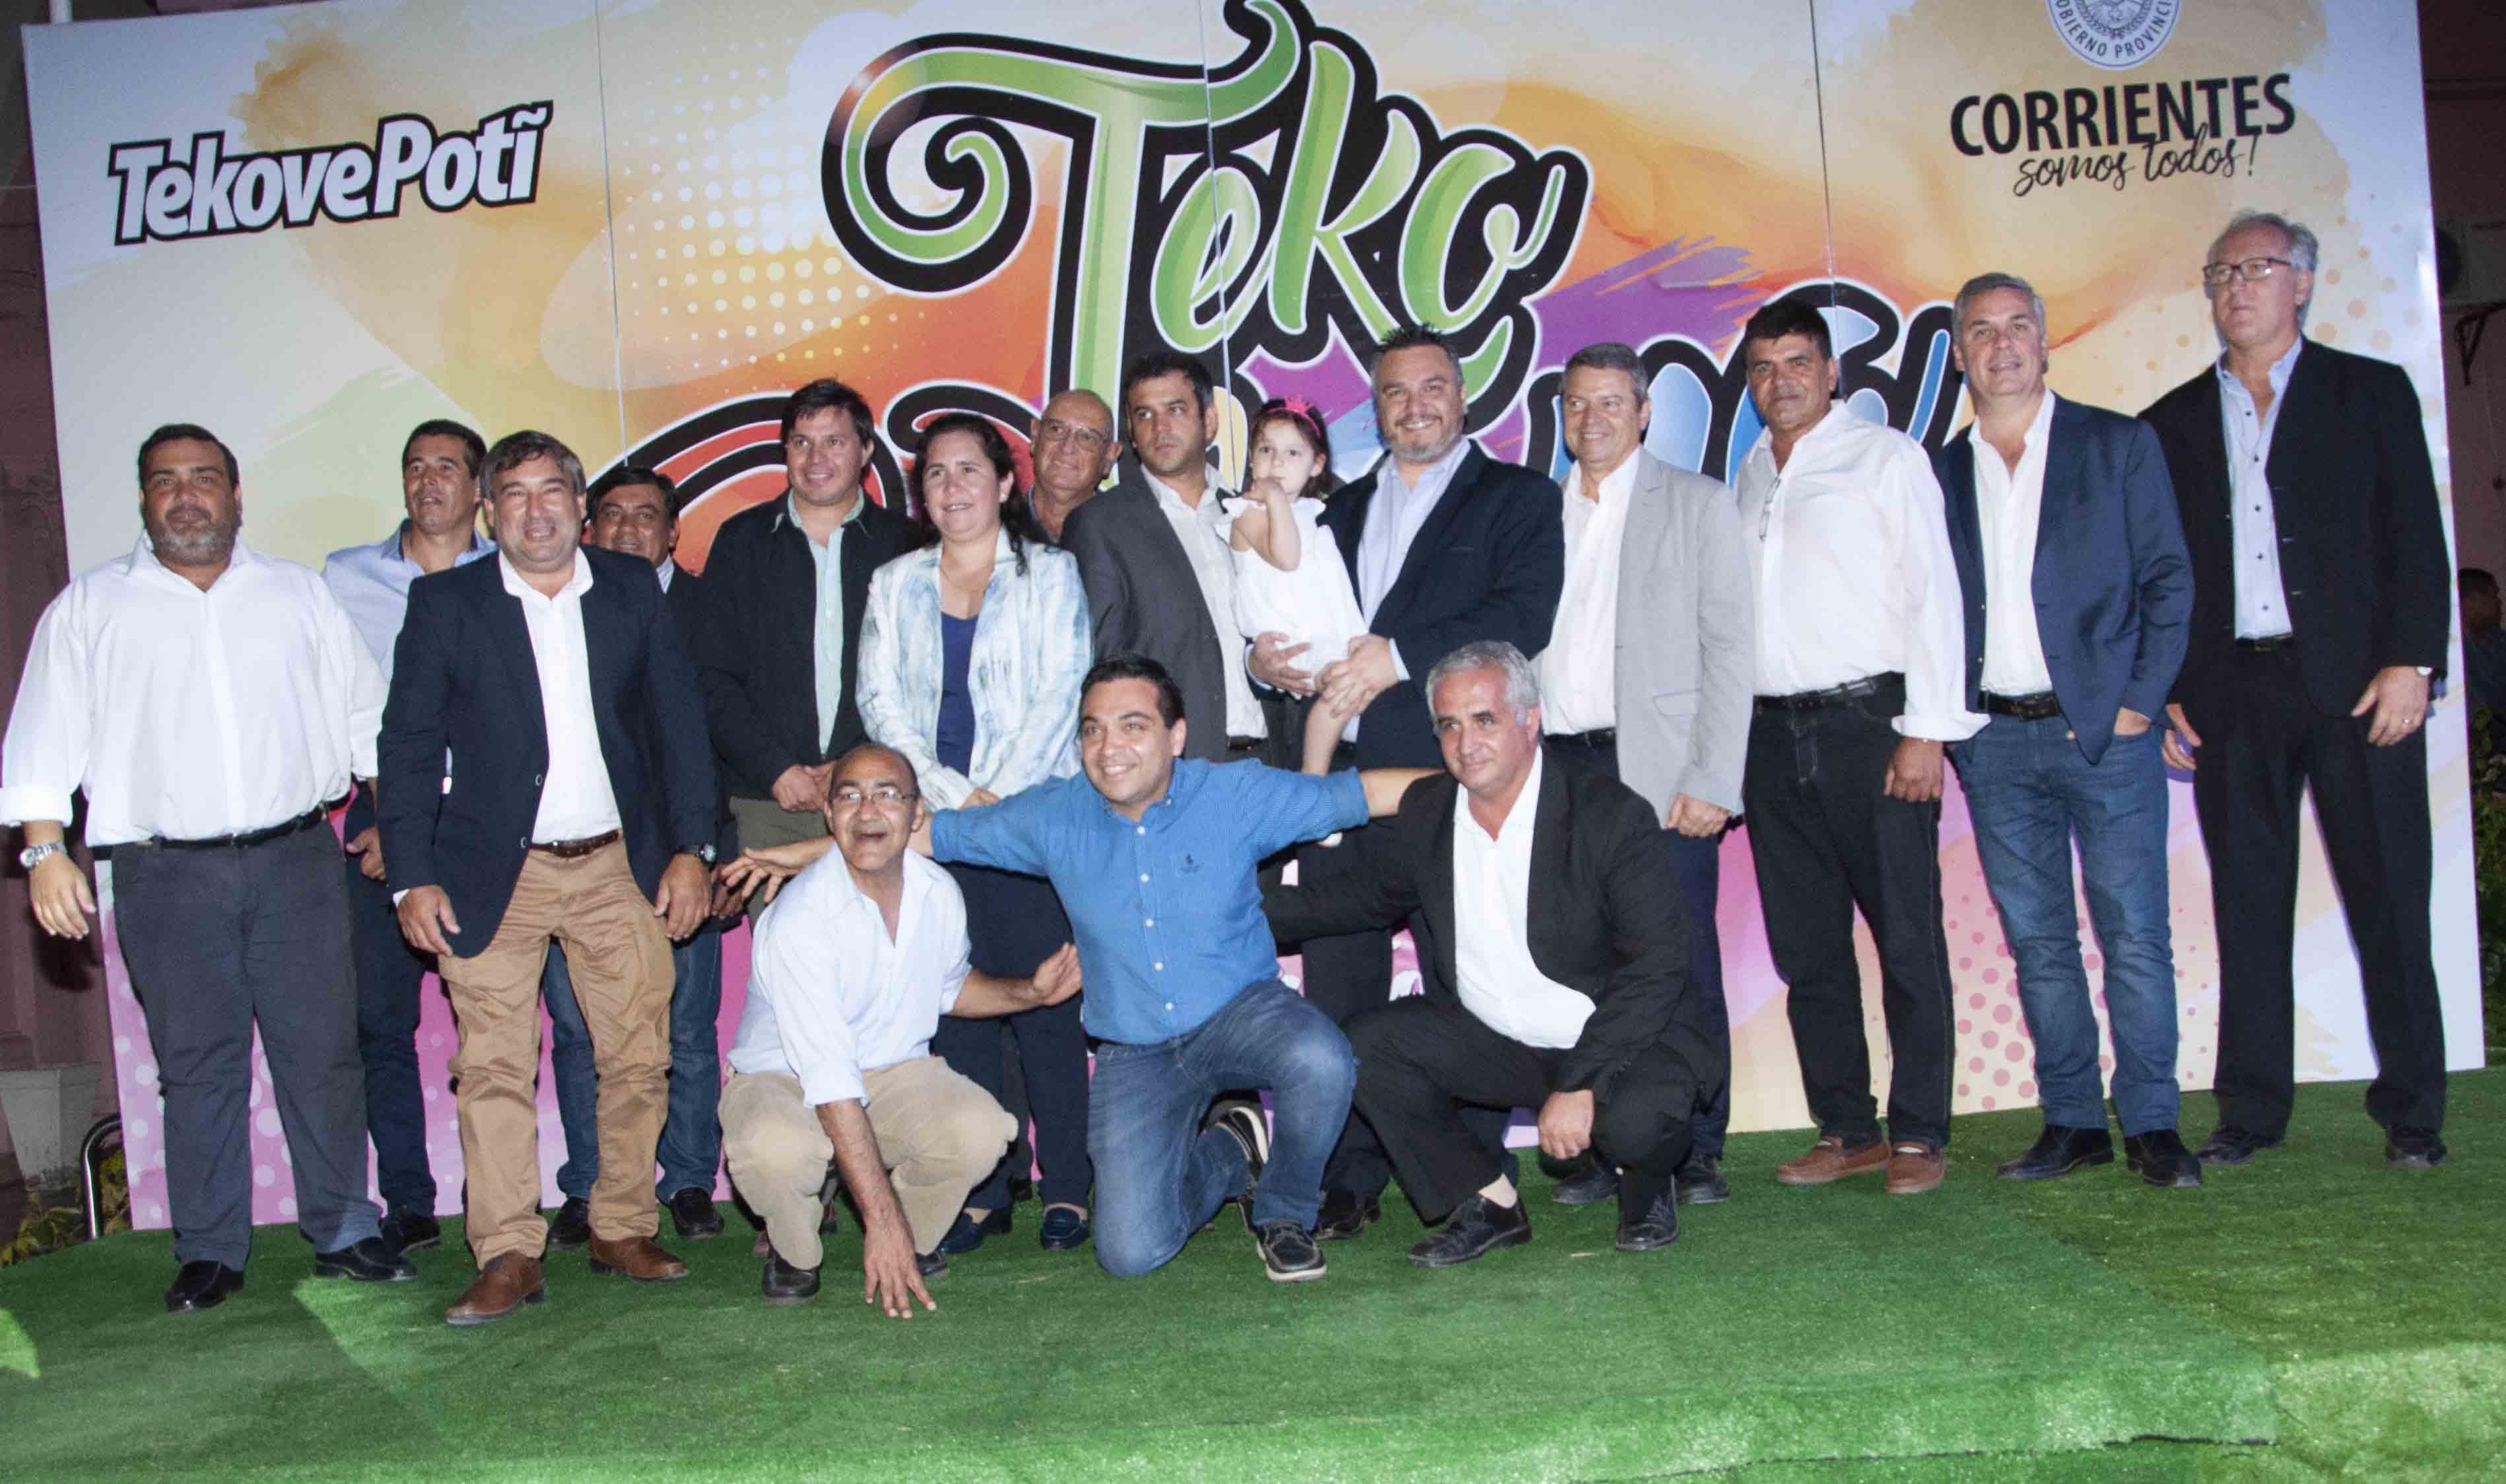 Se lanzó el Tekoverano 2019, que una vez más recorrerá las localidades correntinas